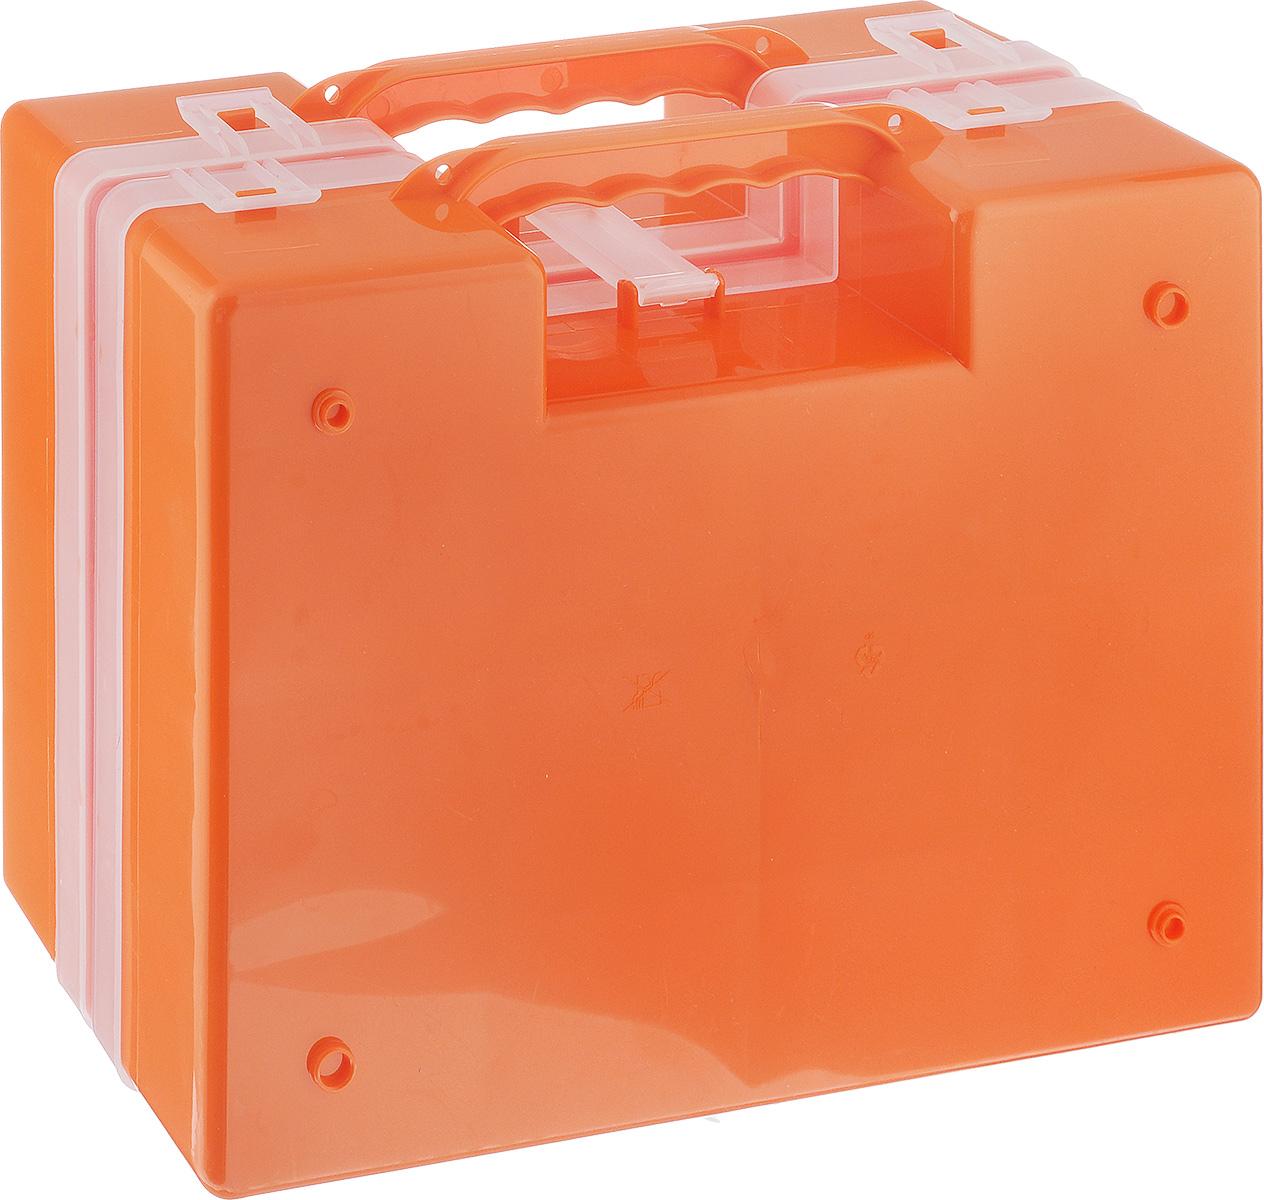 Органайзер Idea, двойной, цвет: оранжевый, 27,2 х 21,7 х 10 смRG-D31SОрганайзер Idea изготовлен из высококачественного прочного пластика и предназначен для хранения и переноски инструментов. Состоит из 2-х органайзеров, прикрепленных друг к другу. Внутри каждого - 14 прямоугольных секций разной формы.Органайзеры надежно закрываются при помощи пластмассовых защелок. Крышки выполнены из прозрачного пластика, что позволяет видеть содержимое.Благодаря специальным крепежам оба органайзера надежно соединены друг с другом.Размеры секций:24 секции Размер: 6,6 см х 5,3 см х 4,7 см;4 секции Размер: 8,1 см х 3,3 см х 4,7 см.